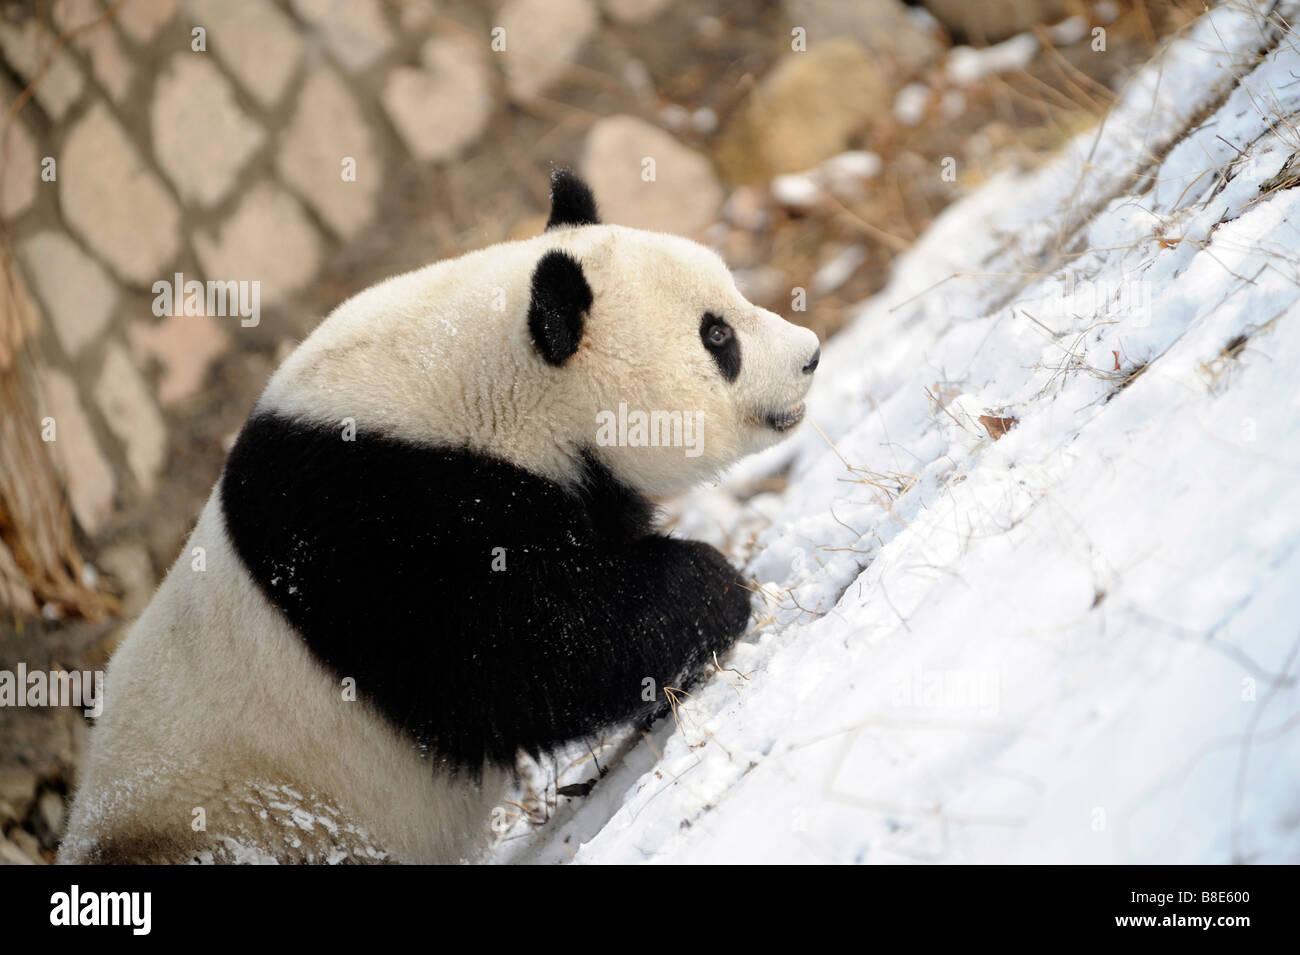 Un panda gigante en el Zoológico de Beijing. 19-Feb-2009 Imagen De Stock